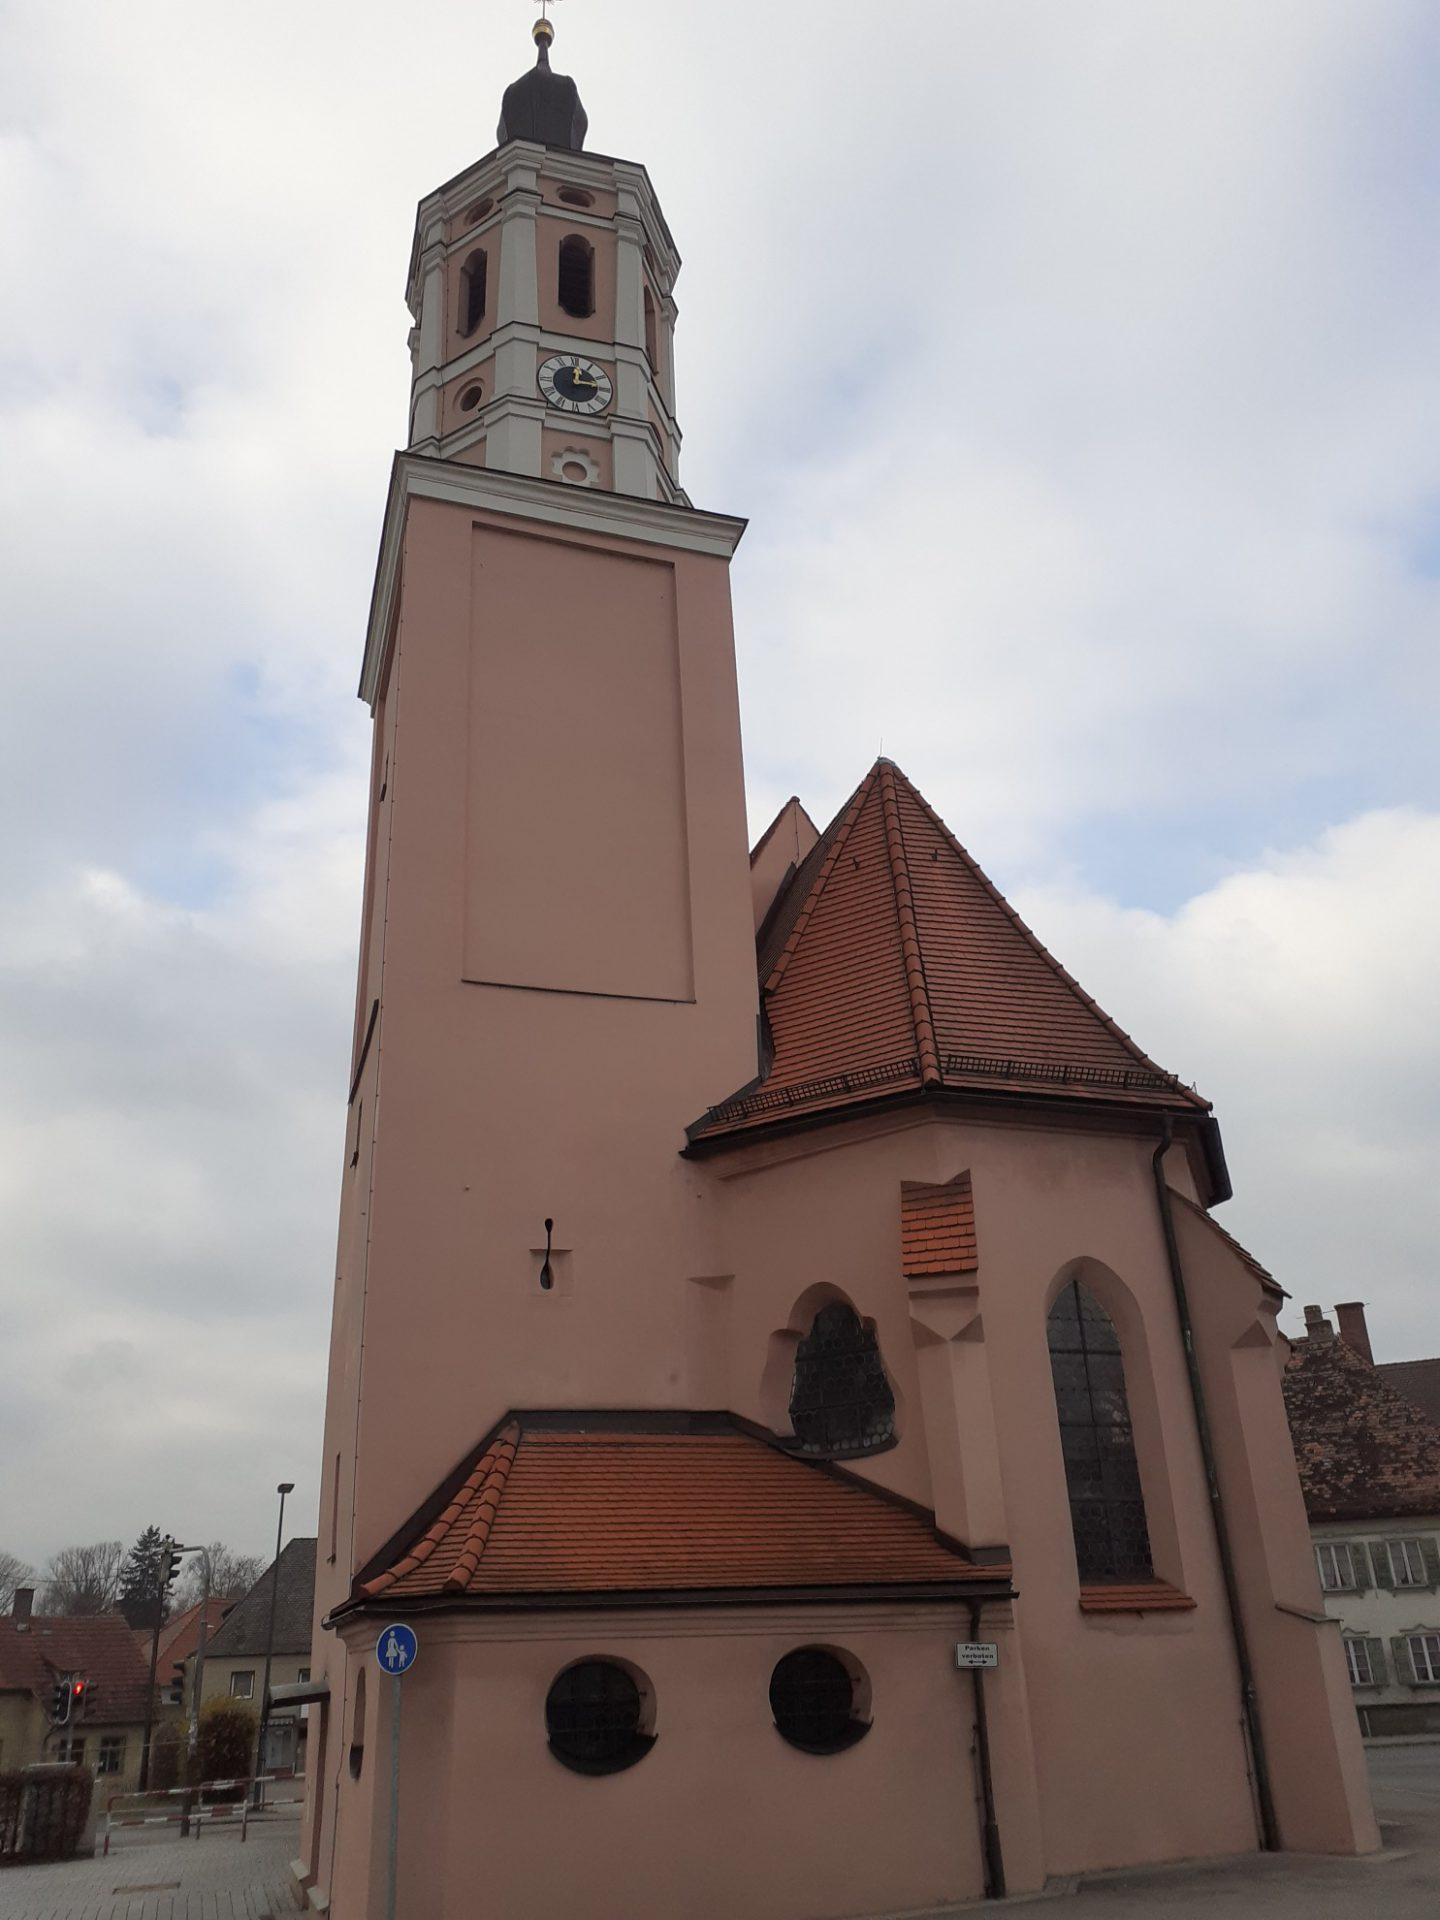 Pfarrkirche St. Salvator Schrobenhausen